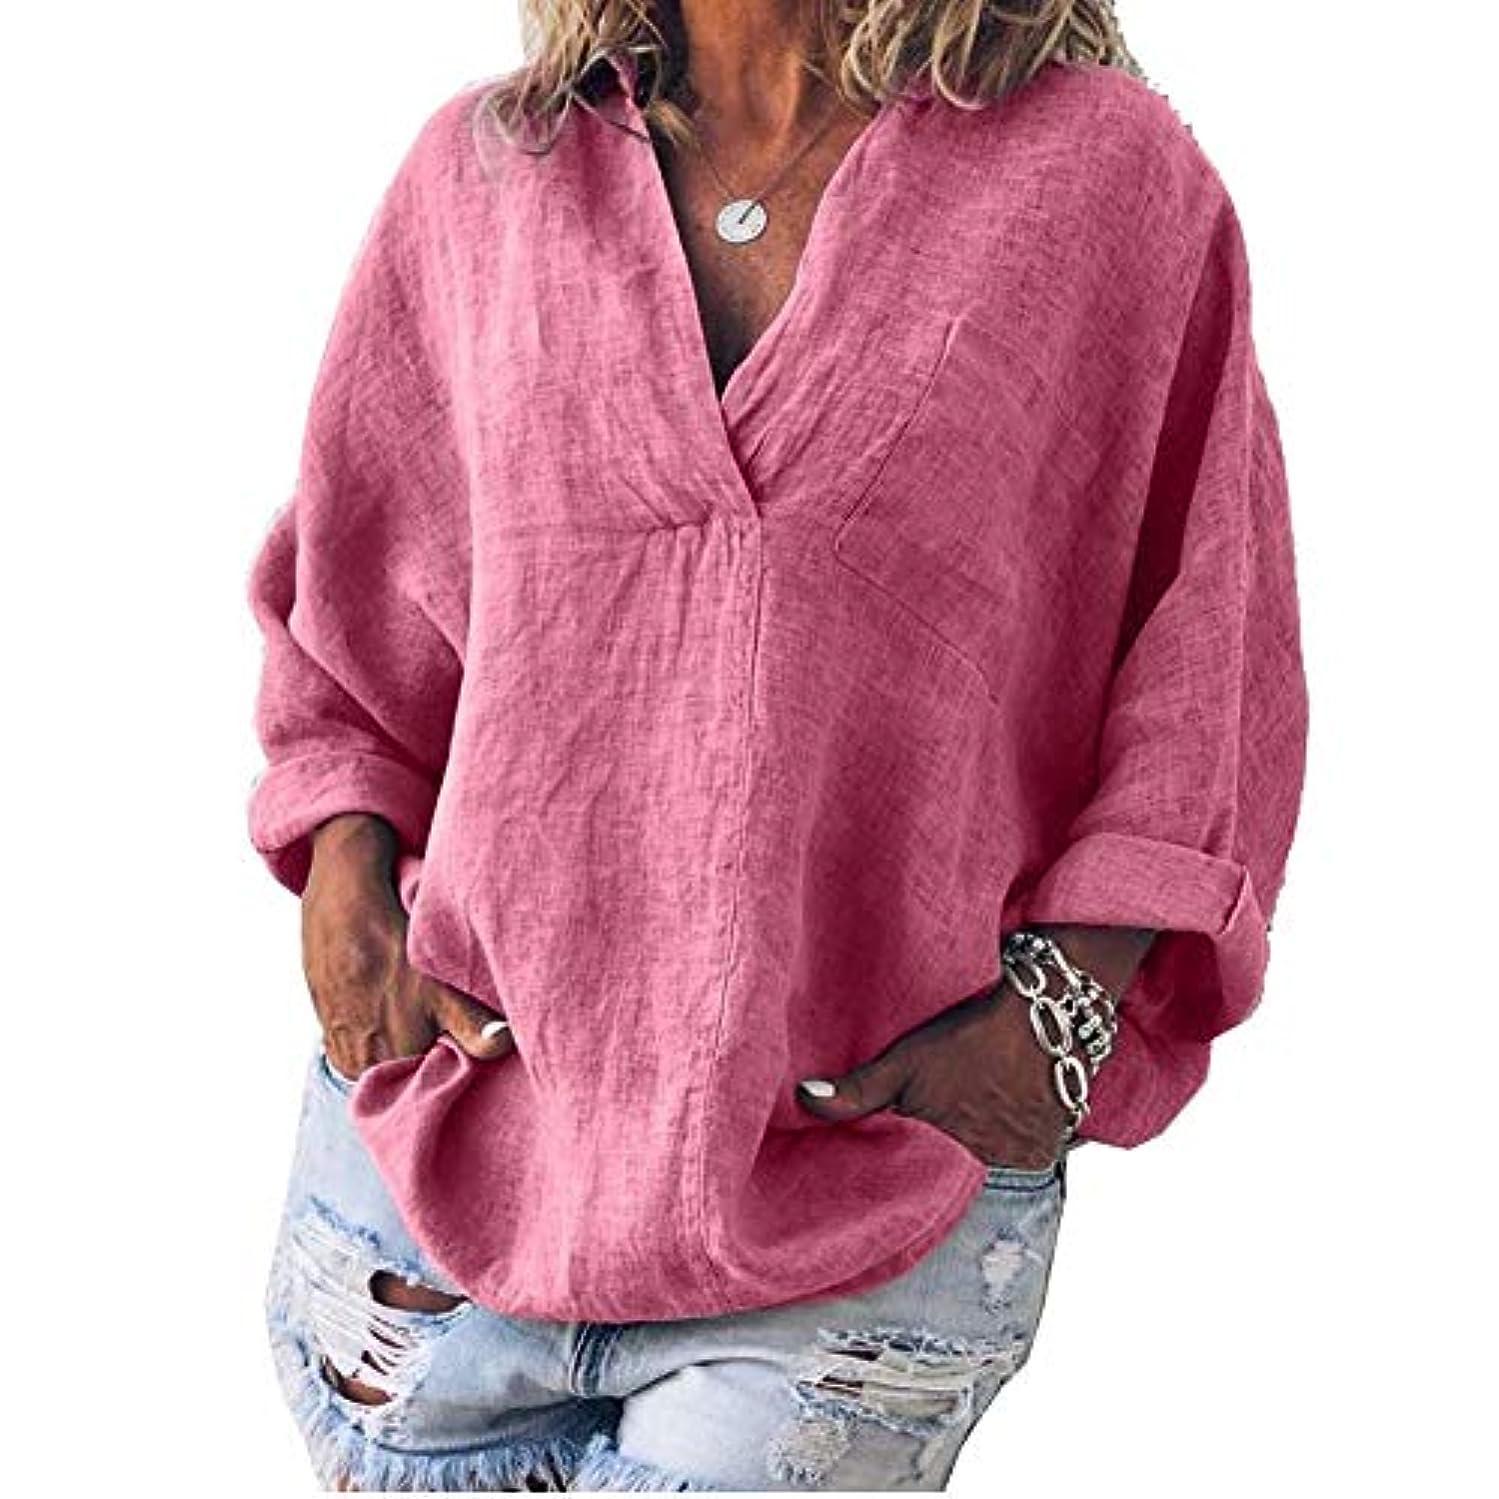 本質的に起きるレイMIFAN女性ファッション春夏チュニックトップス深いVネックTシャツ長袖プルオーバールーズリネンブラウス